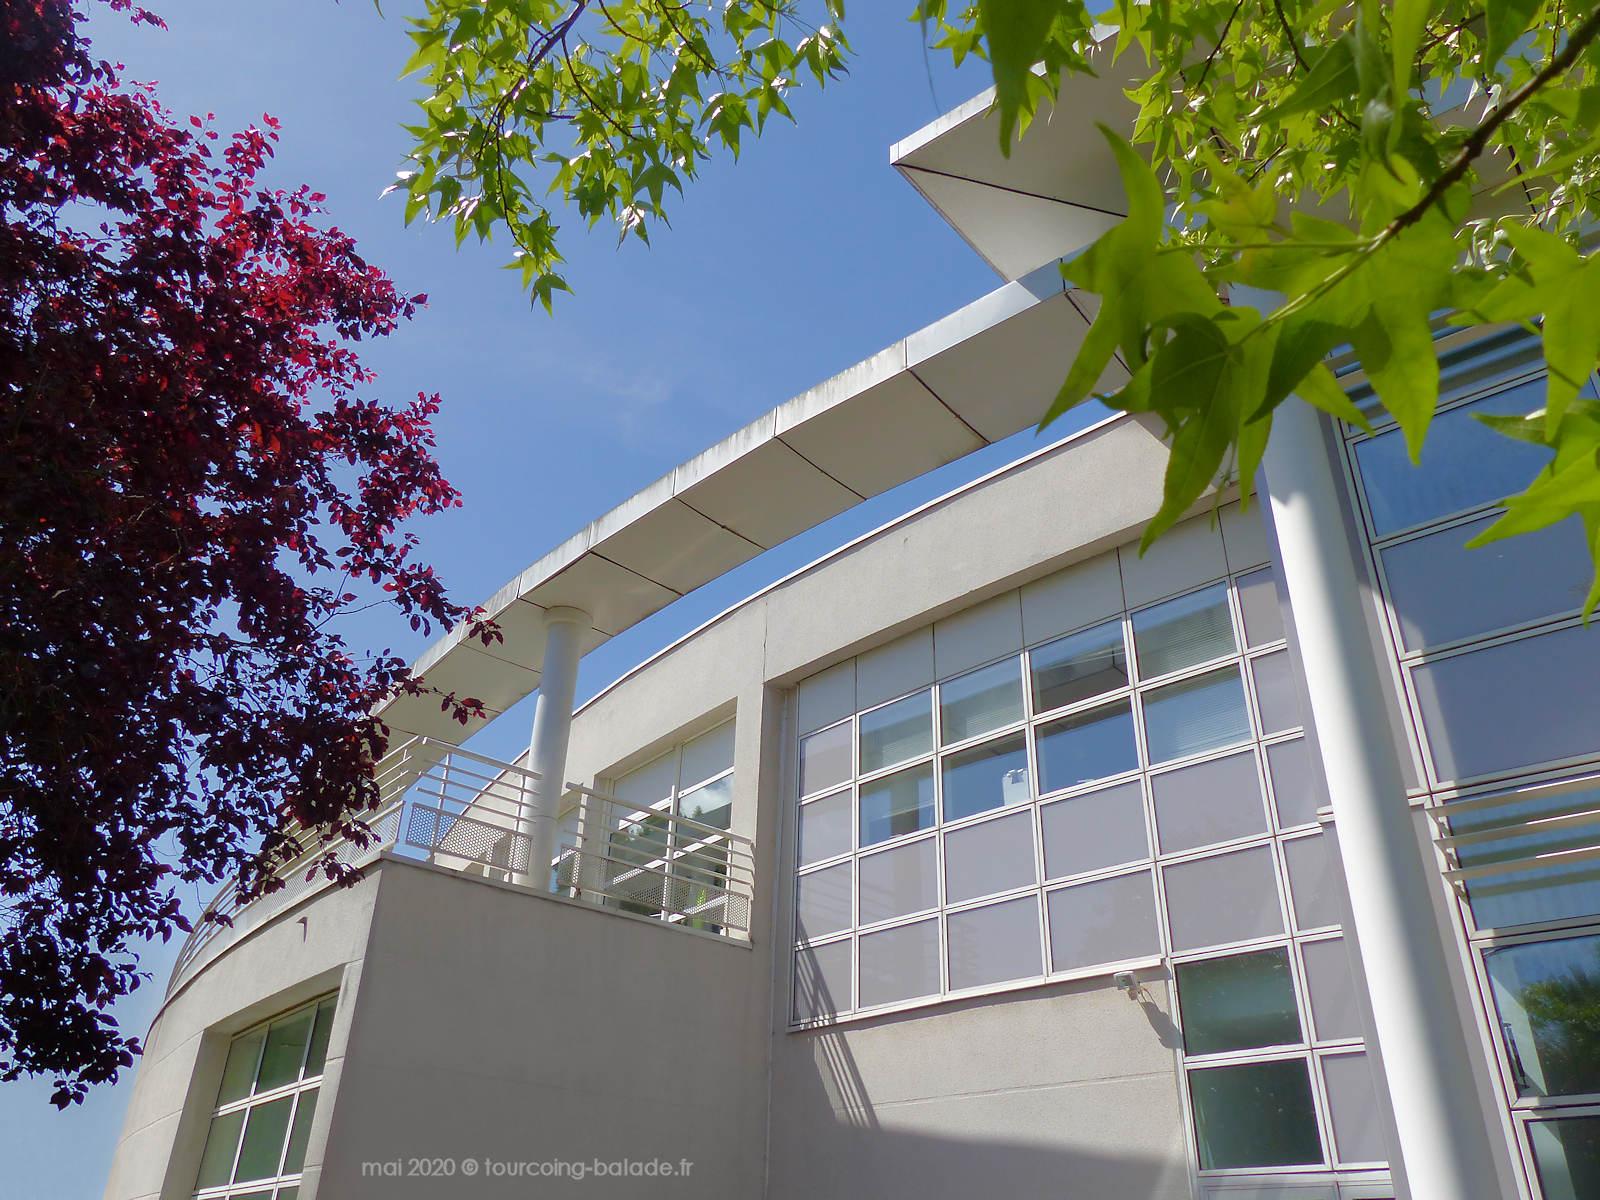 Mairie de Mouvaux, bâtiment moderne, 2020